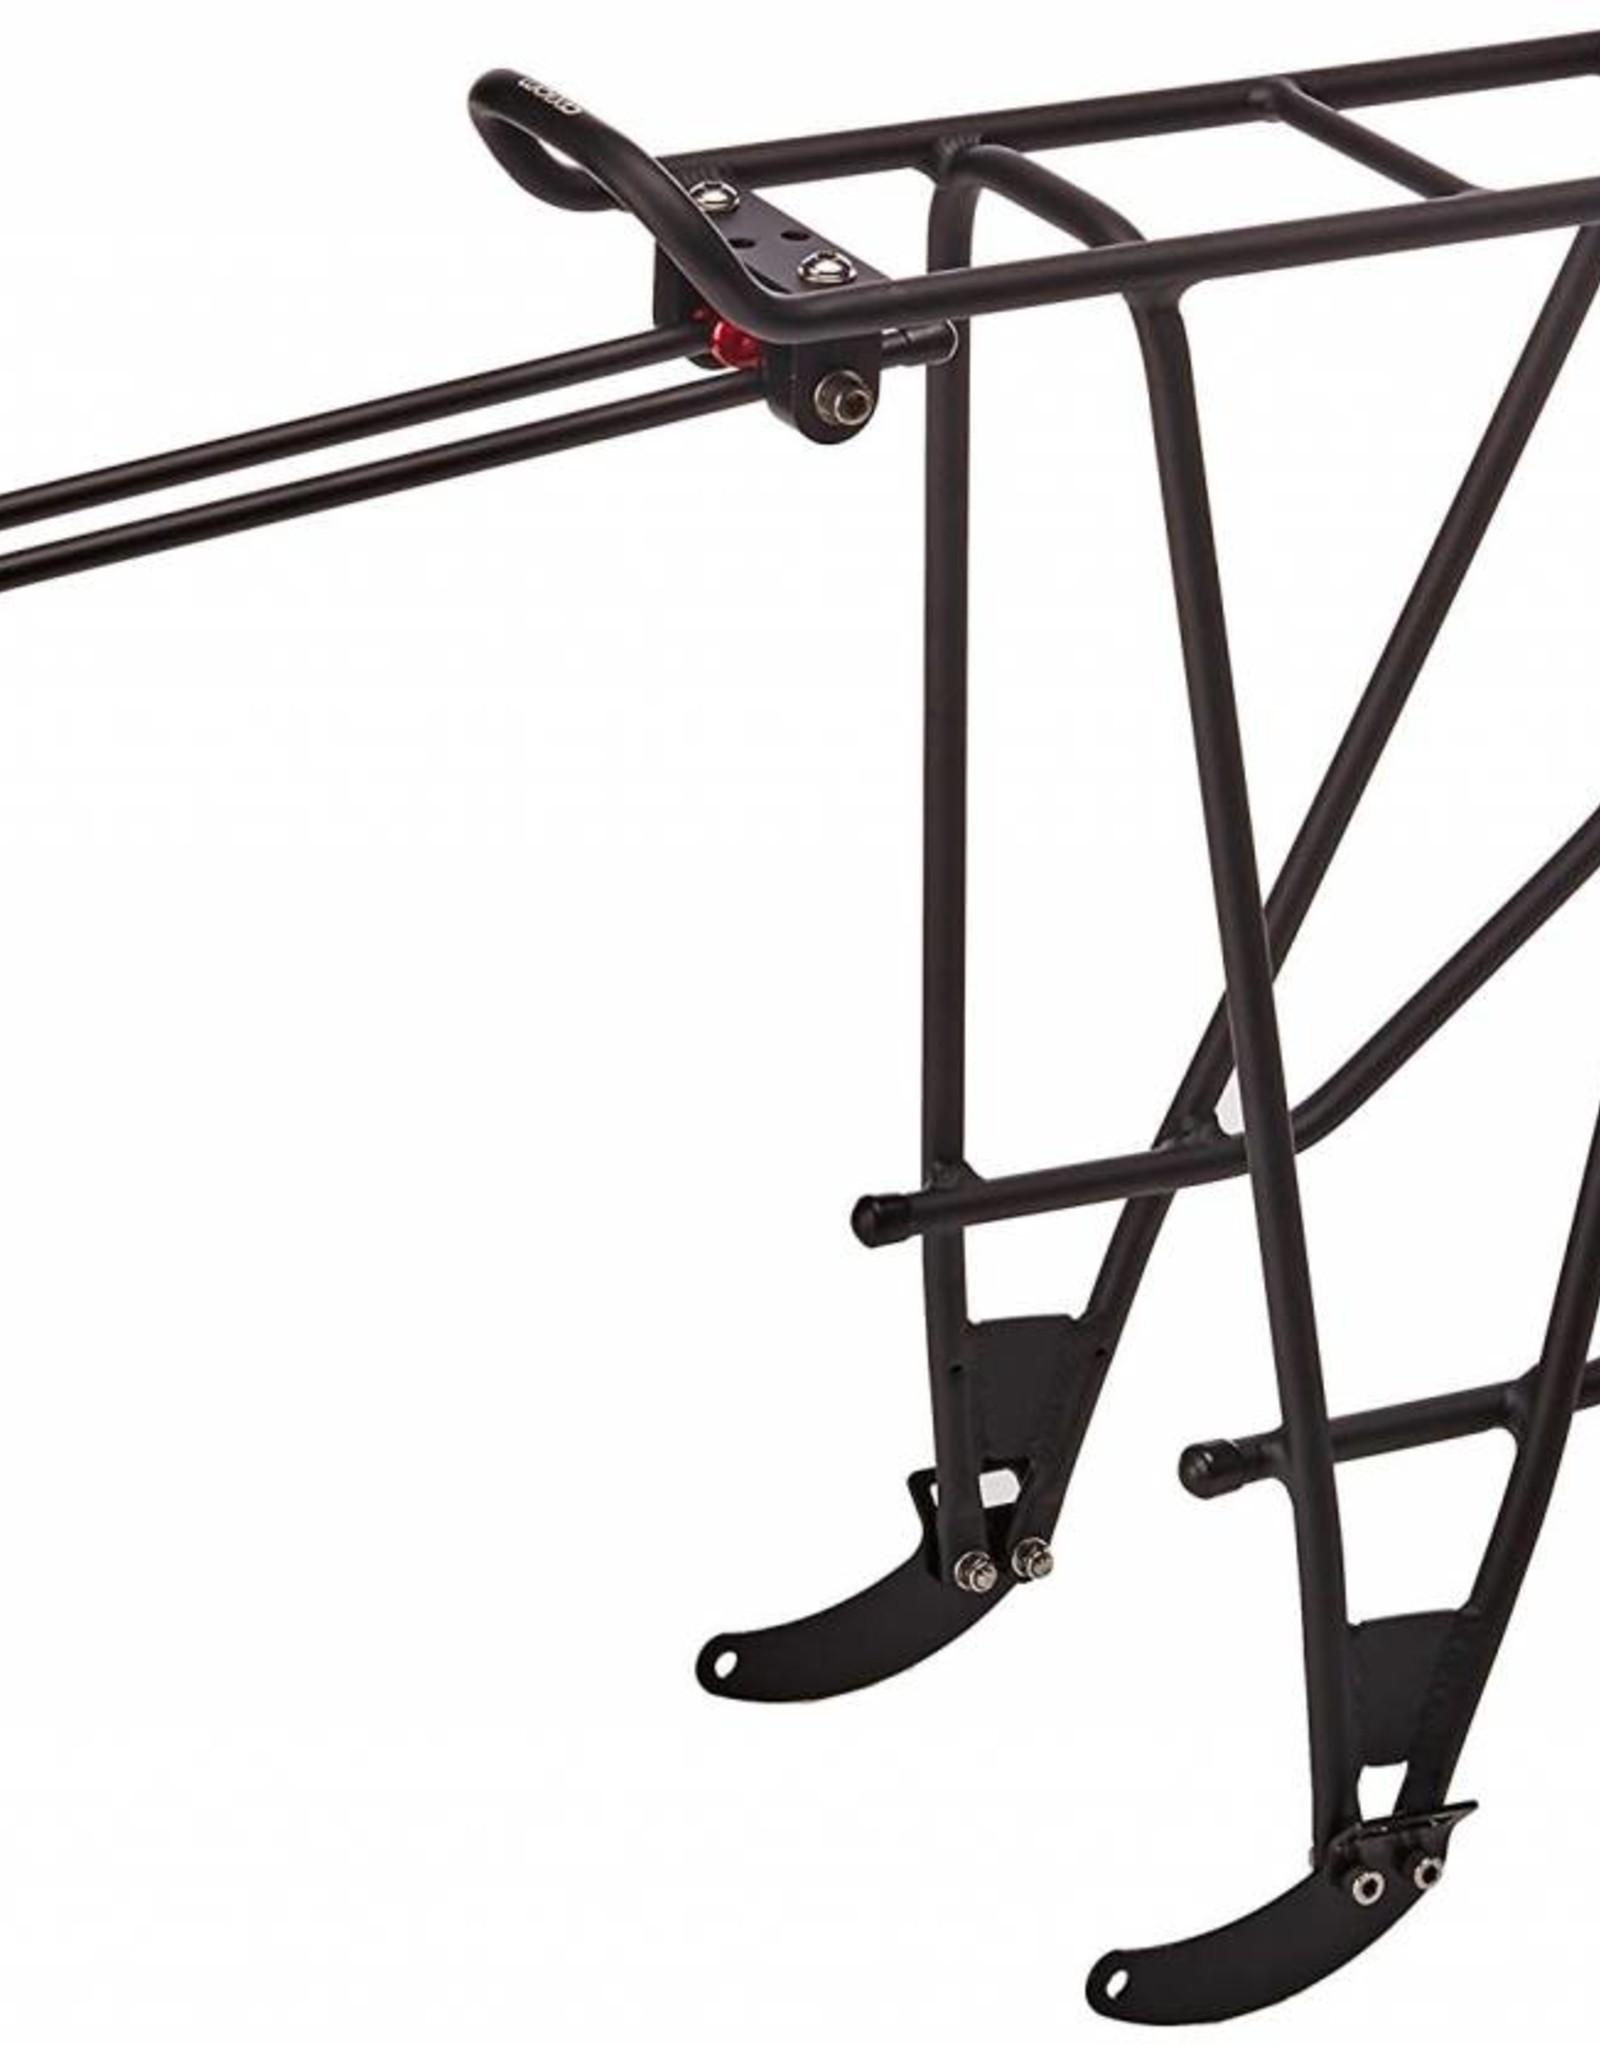 Axiom Axiom Streamliner 29er DLX Rear Rack: Black